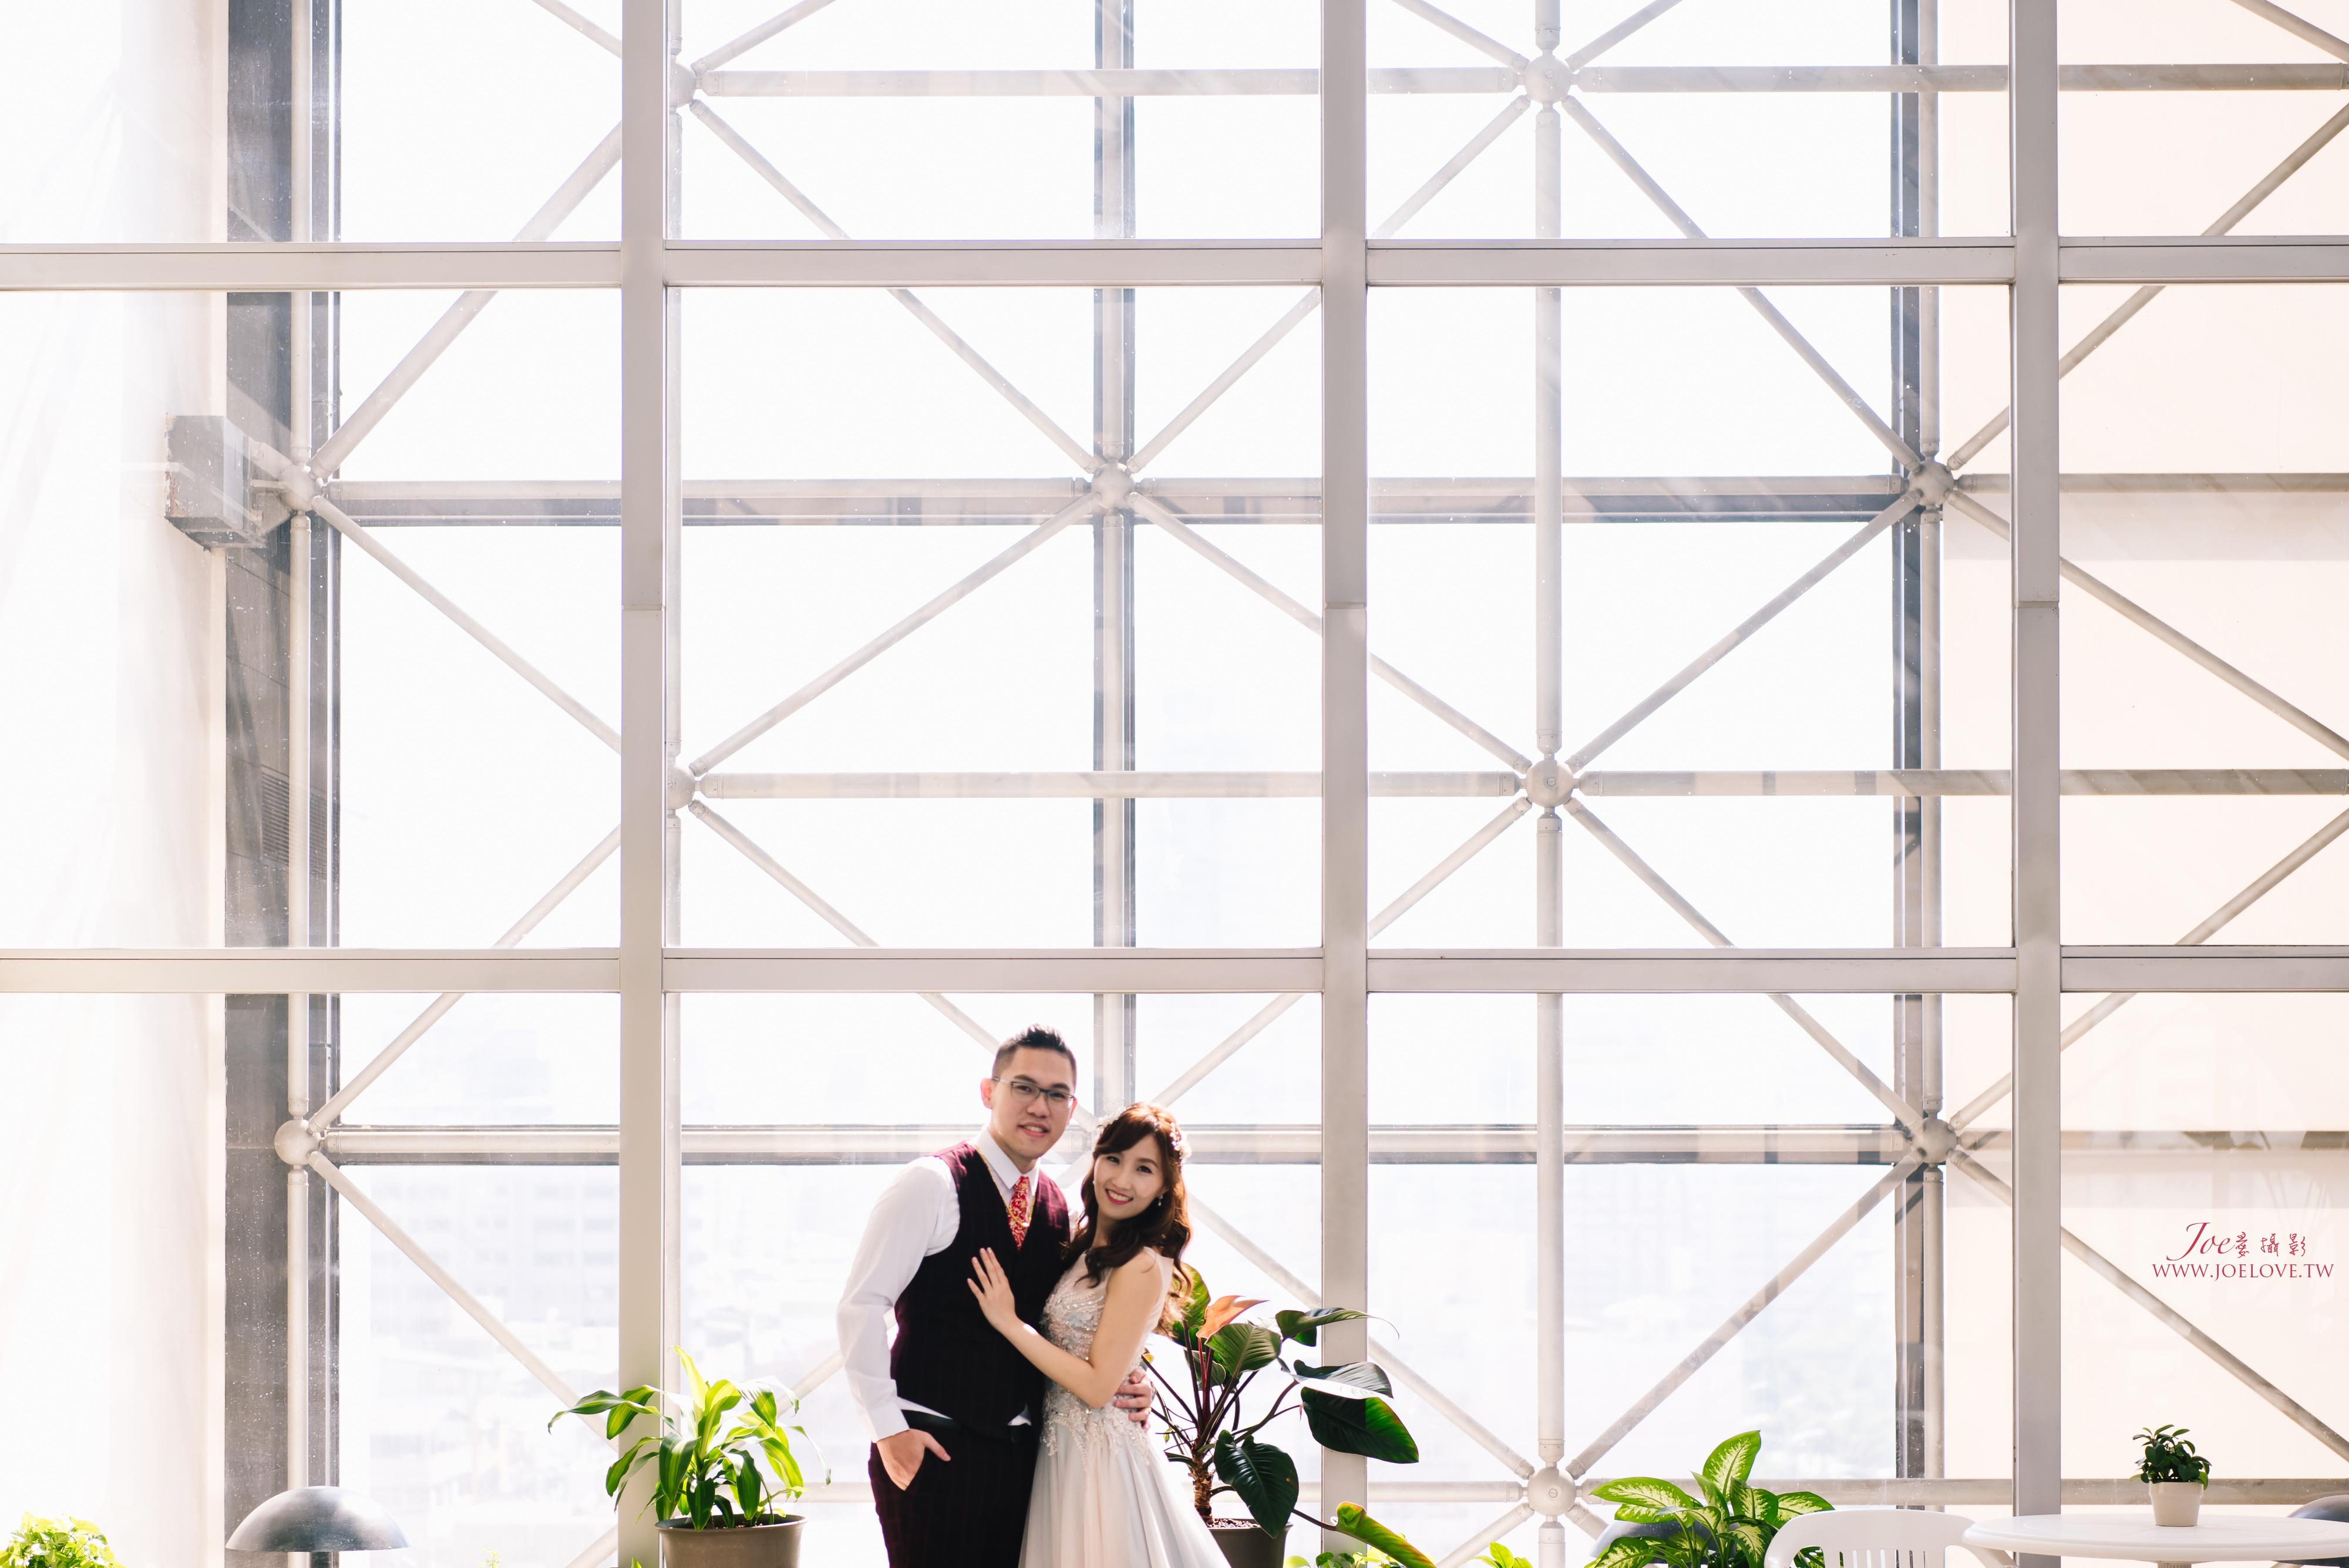 婚攝BAO 家伶+柏瀚 訂婚紀錄 高雄寒軒國際大飯店